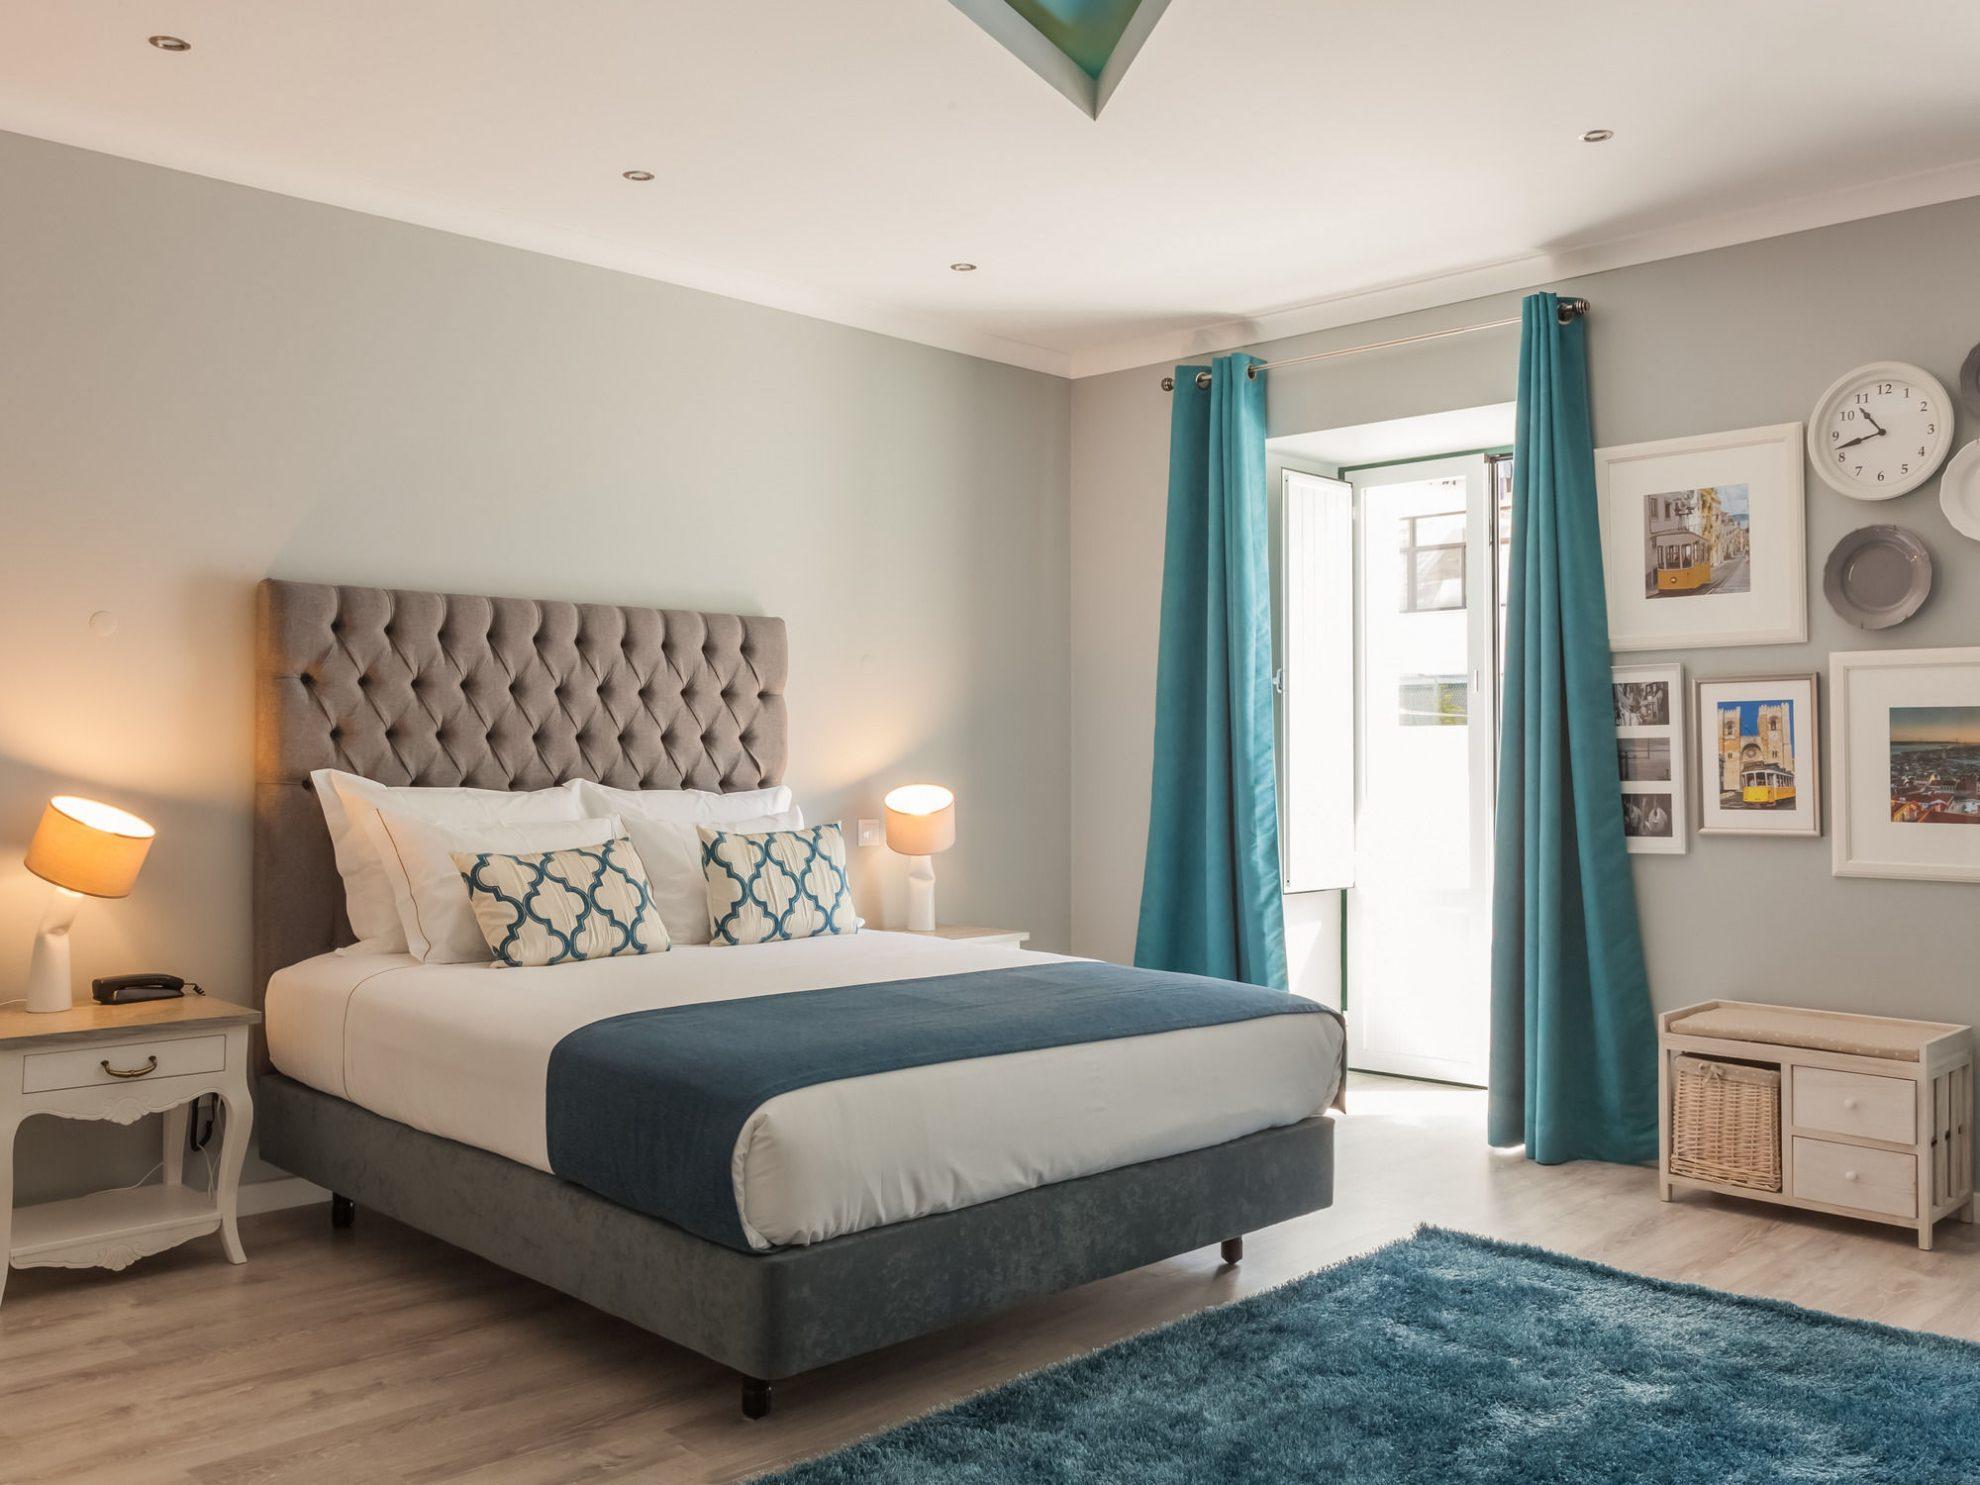 Vila Garden Guesthouse - Suite avec Jacuzzi dans salle de ...